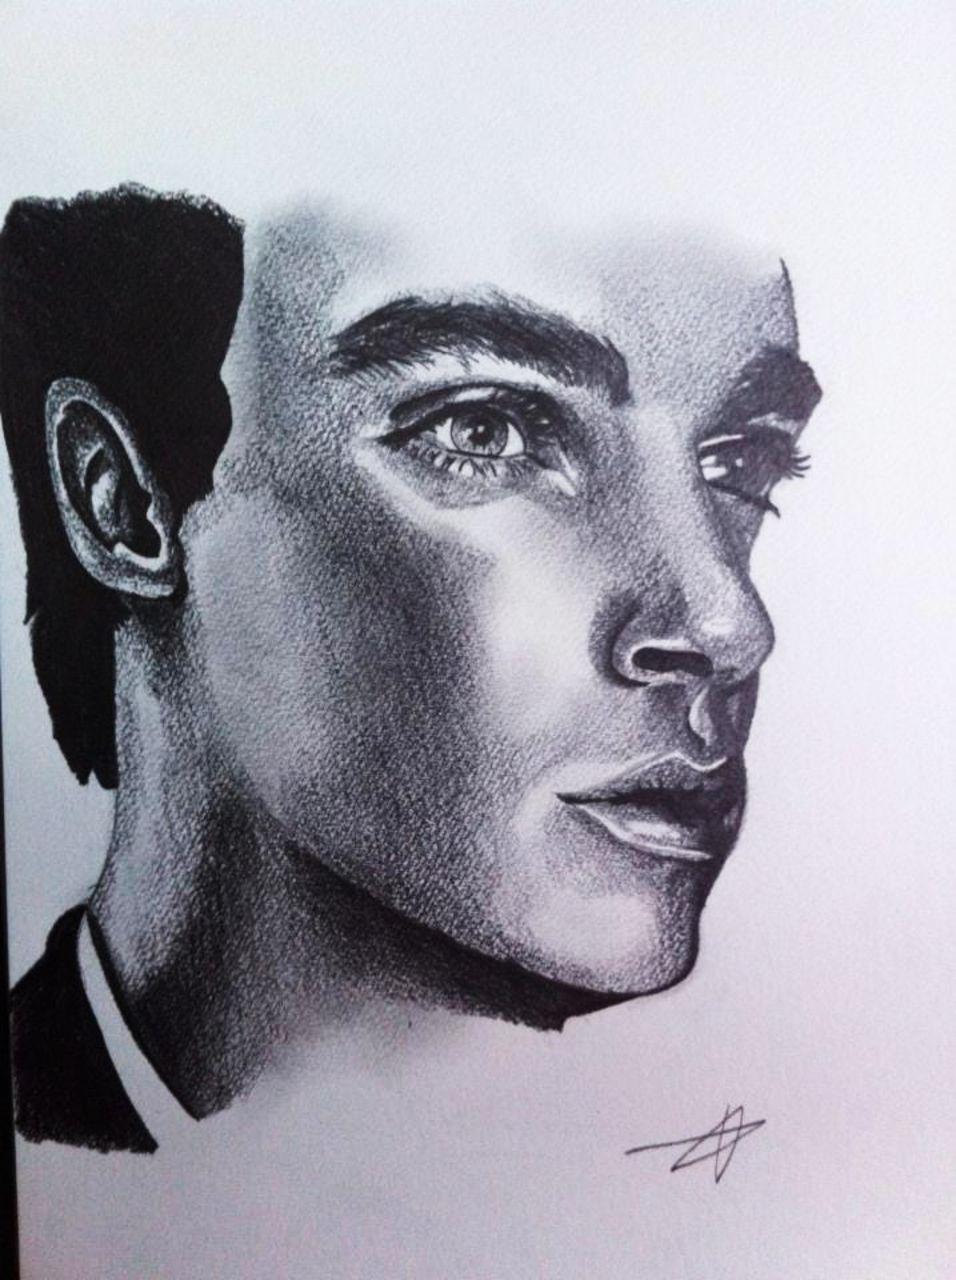 Crombois portrait